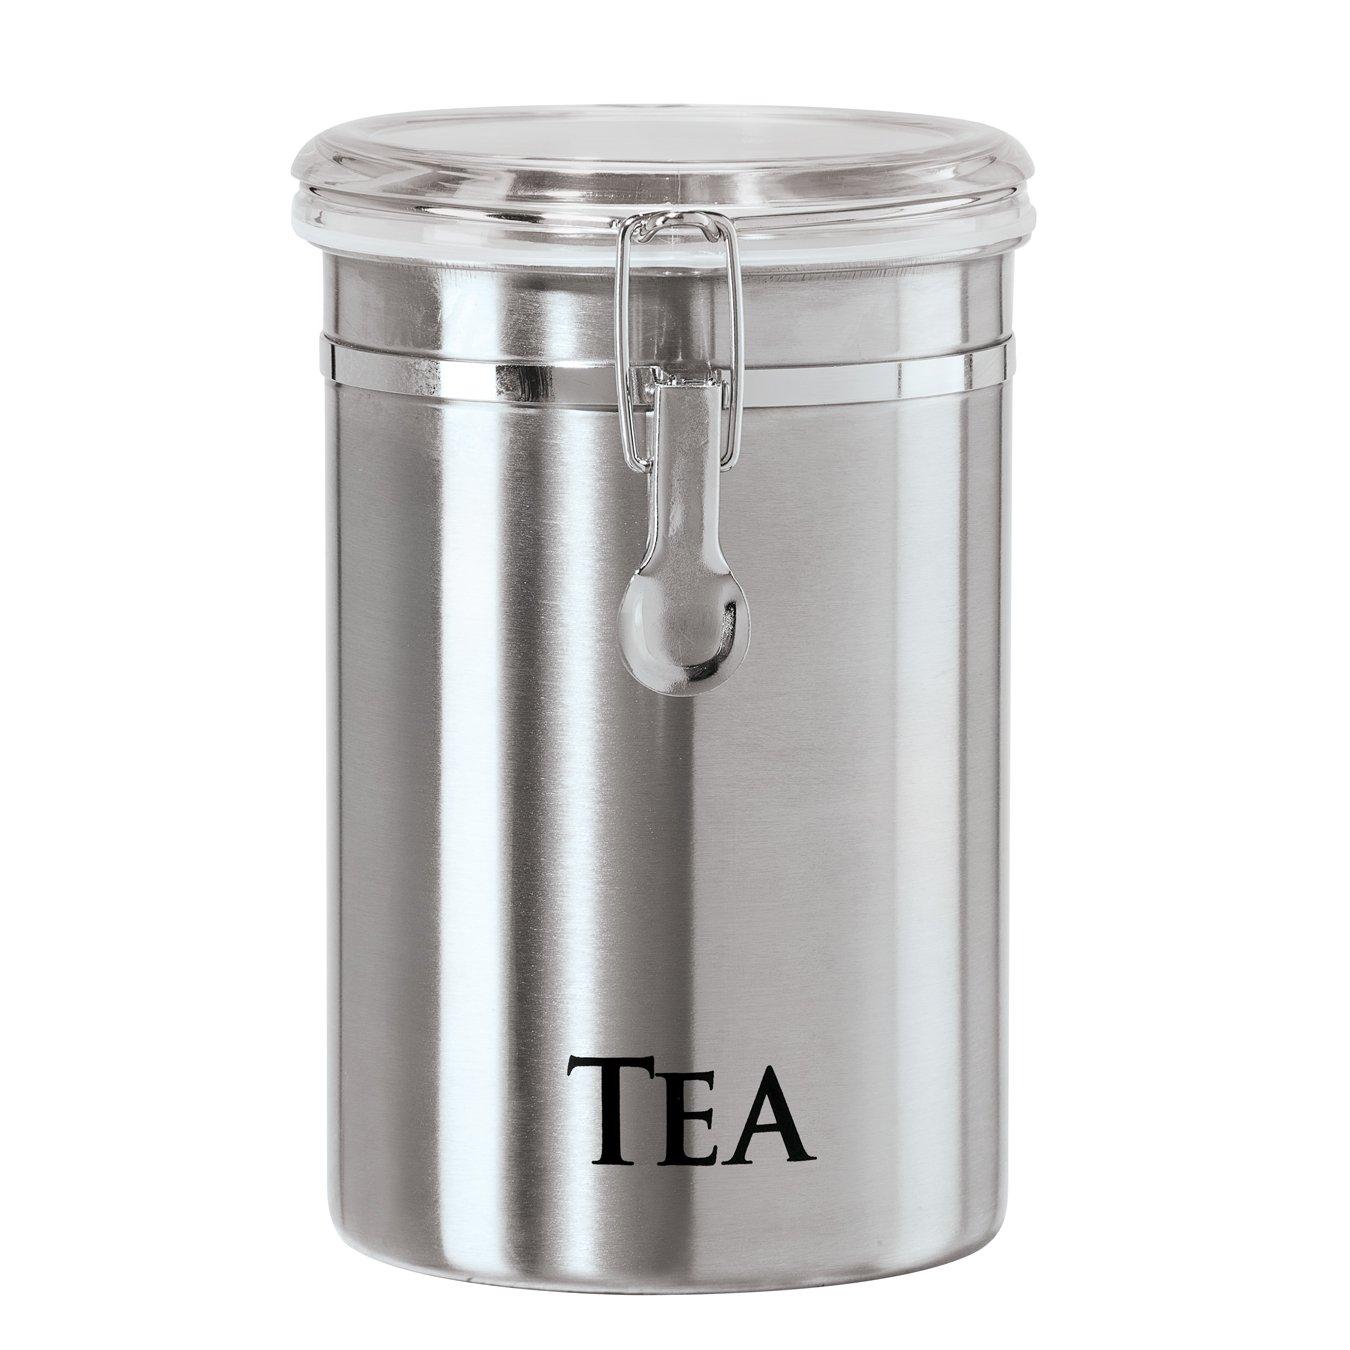 Oggi 6597.0 Tea Airtight Canister with Clamp, 5 x 7.75/60 oz, Stainless 5 x 7.75/60 oz